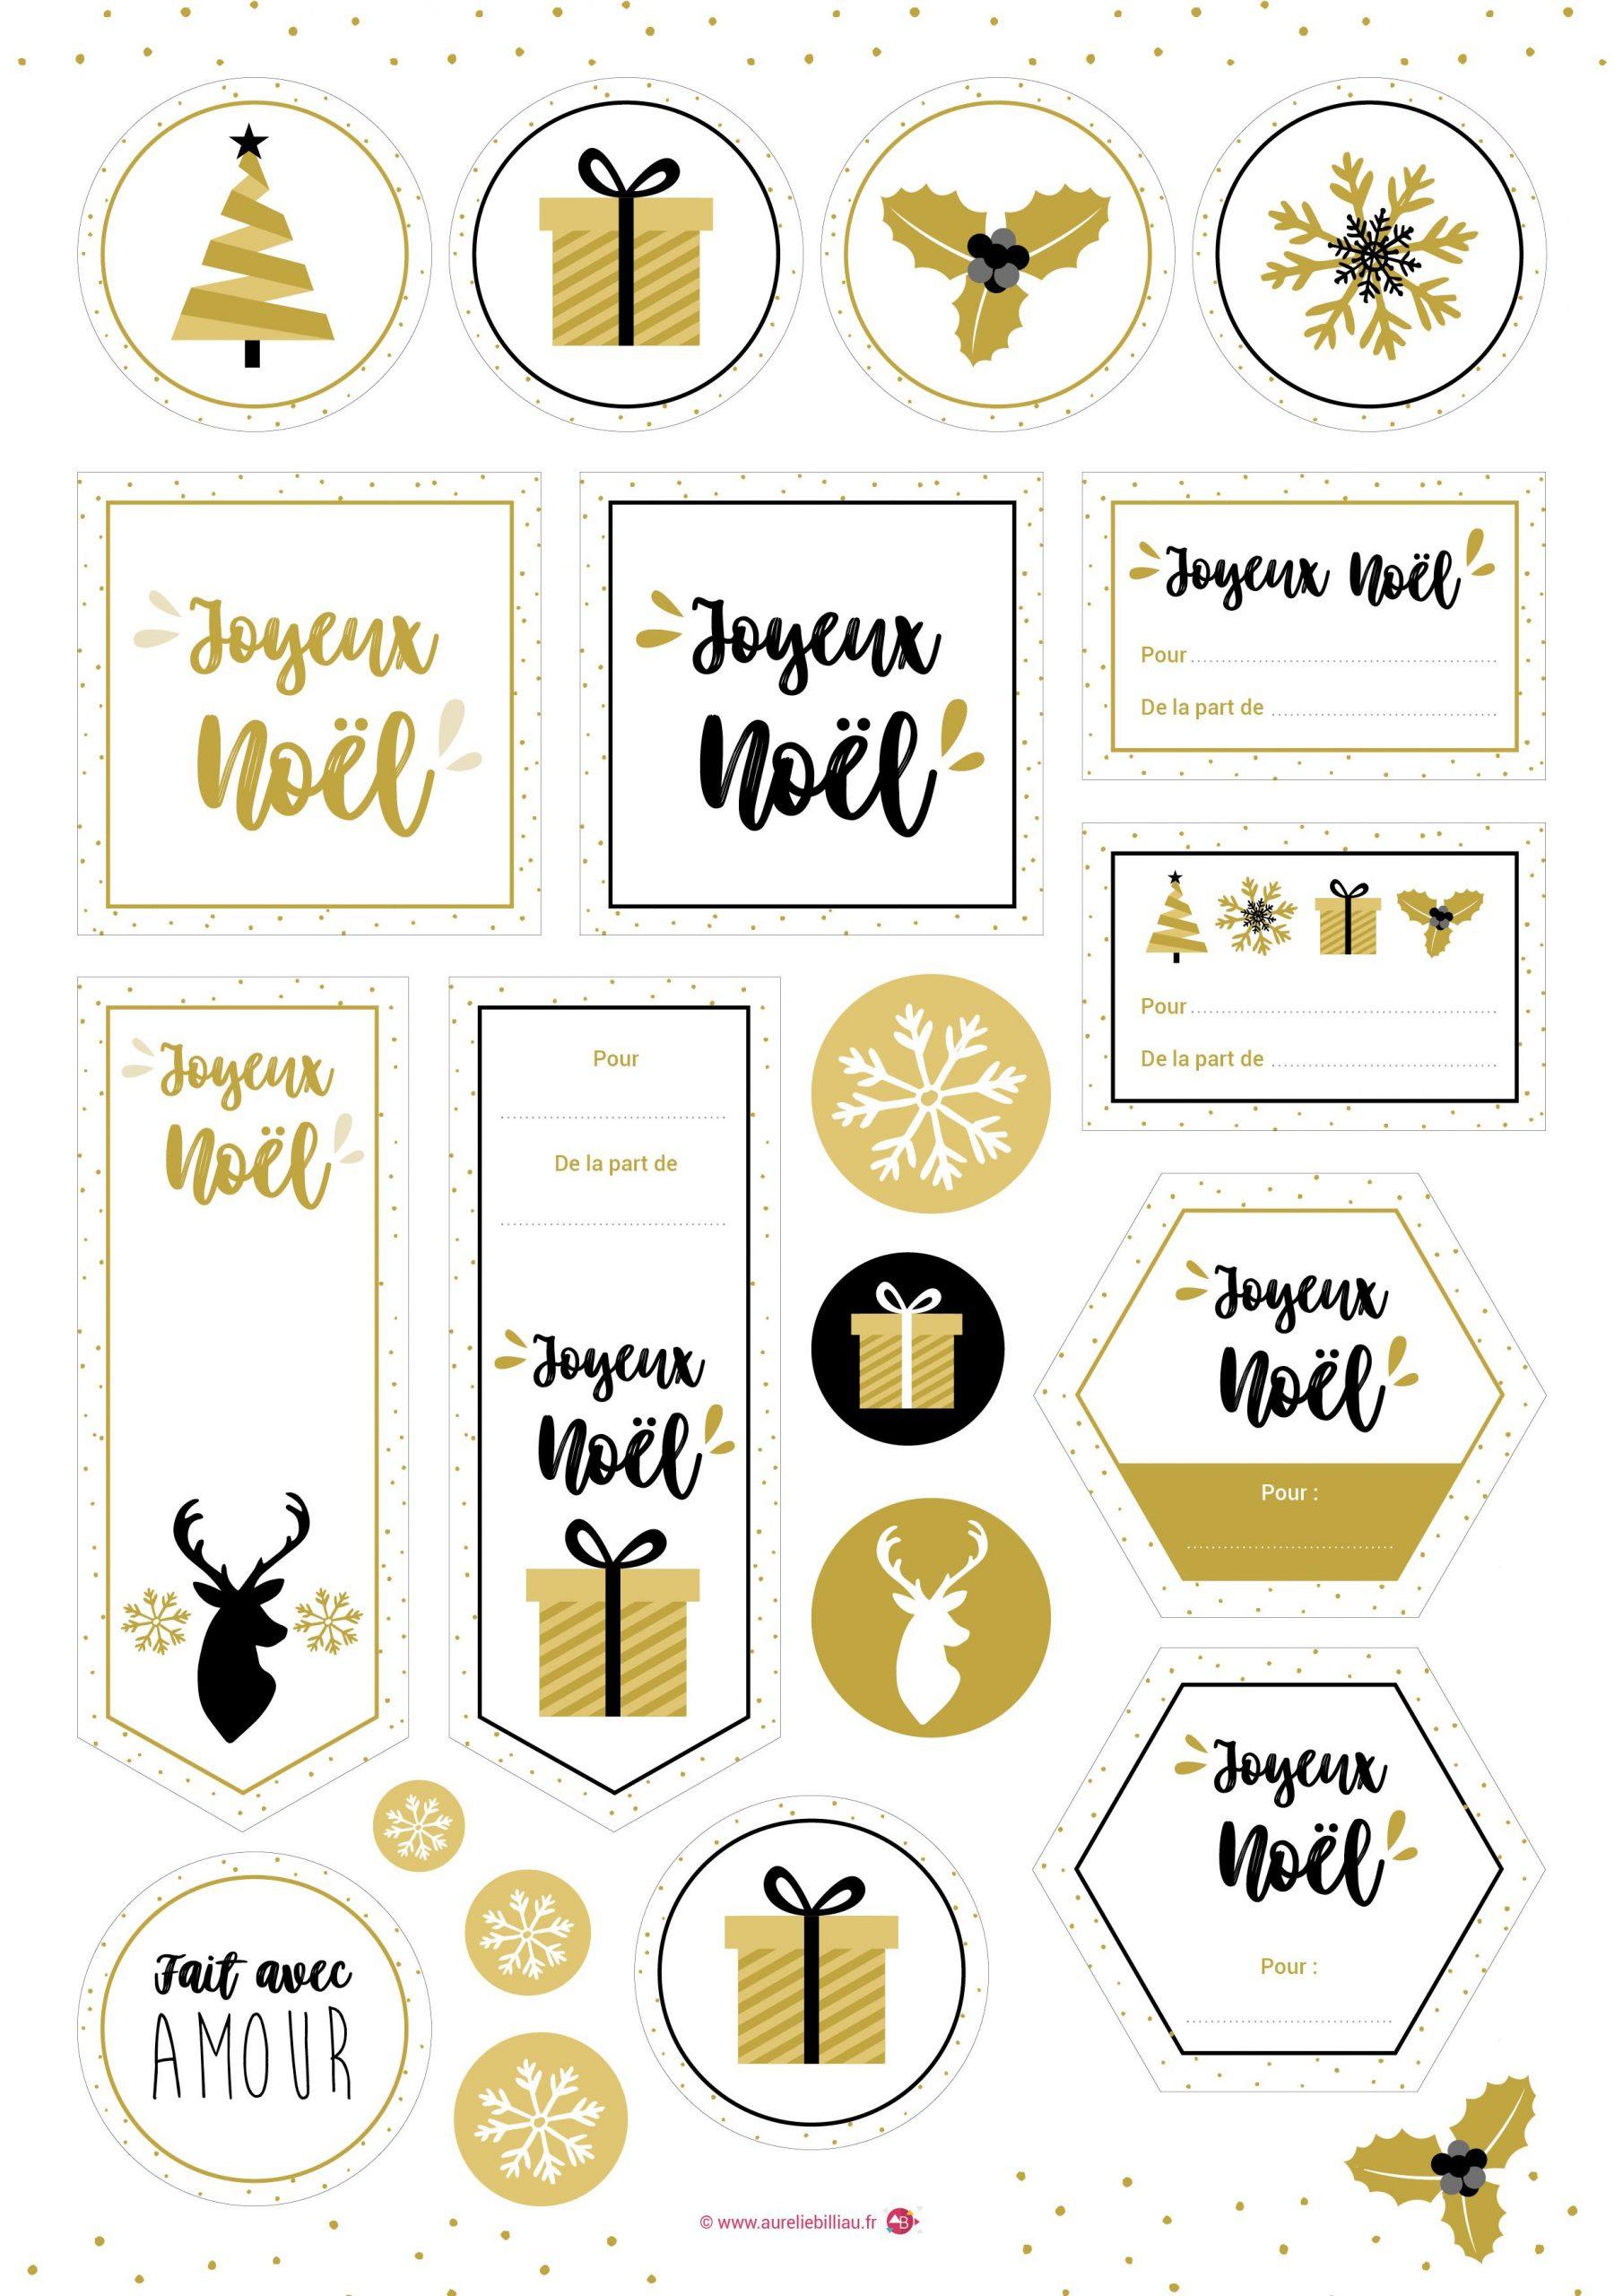 Freebies À Imprimer - Étiquettes Noël Gold - Une Création avec Etiquette Noel A Imprimer